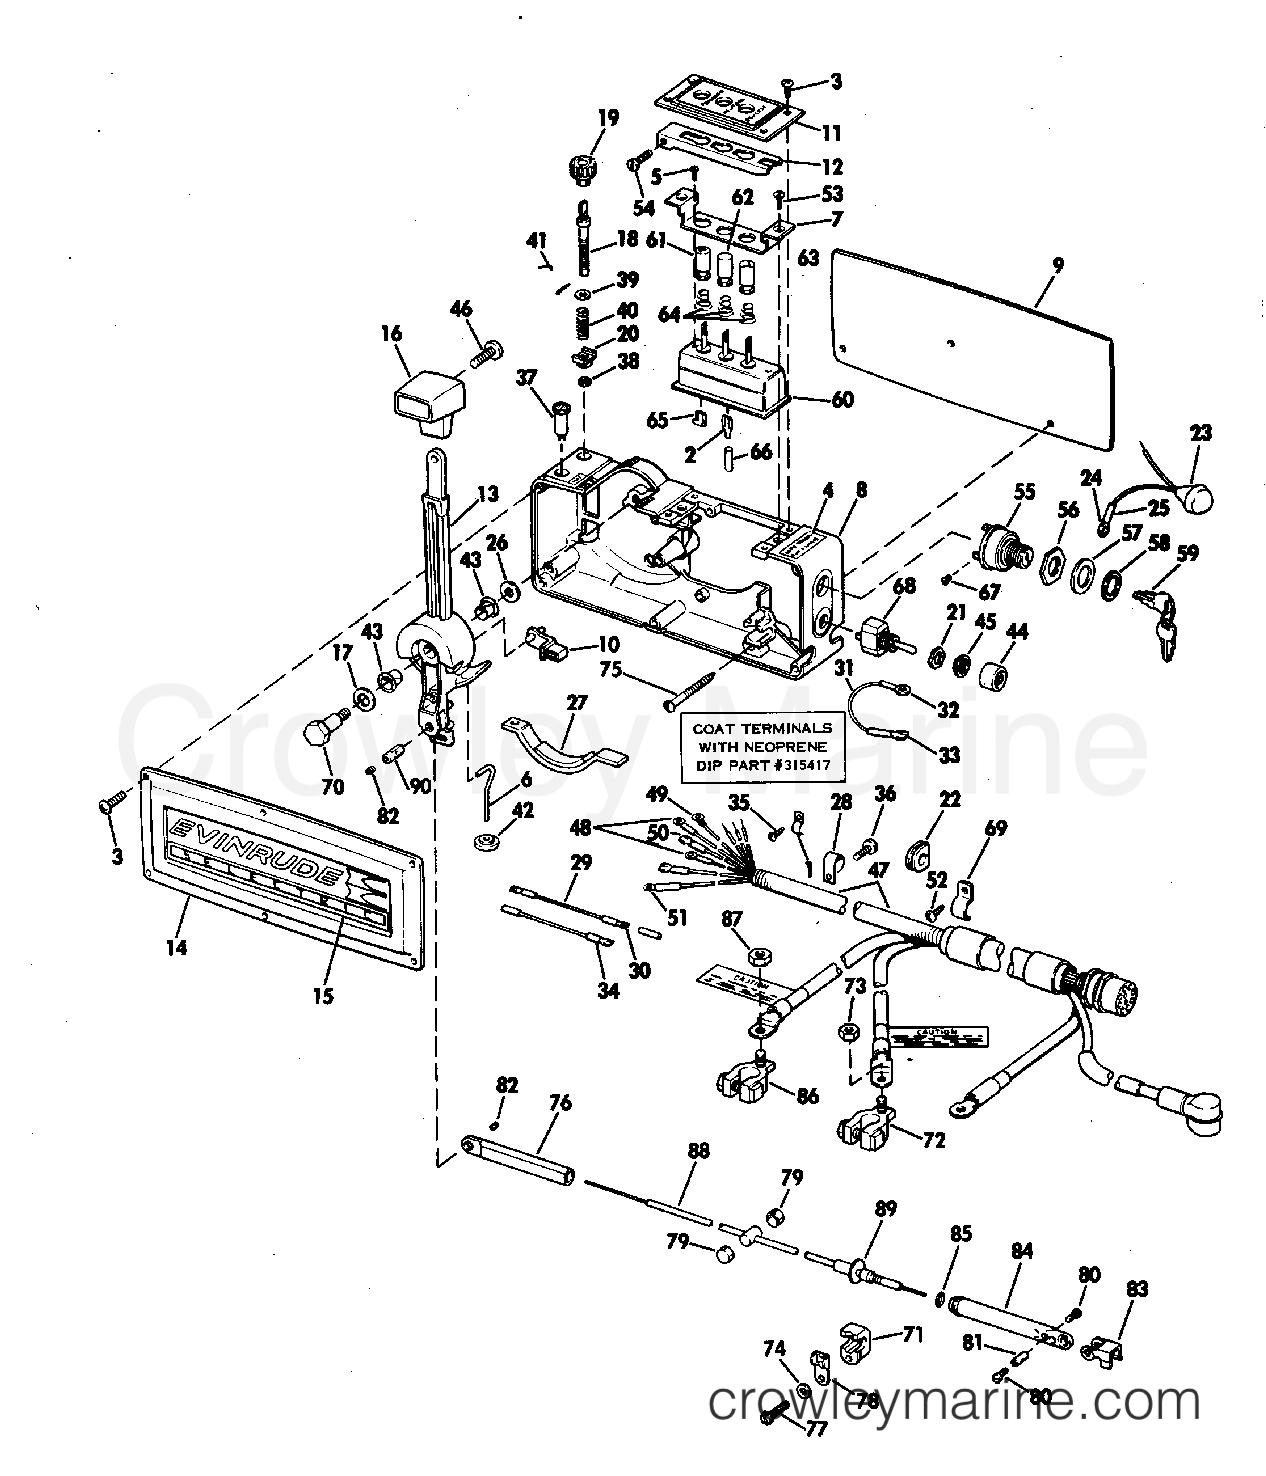 1970 evinrude Schaltplang for shifter